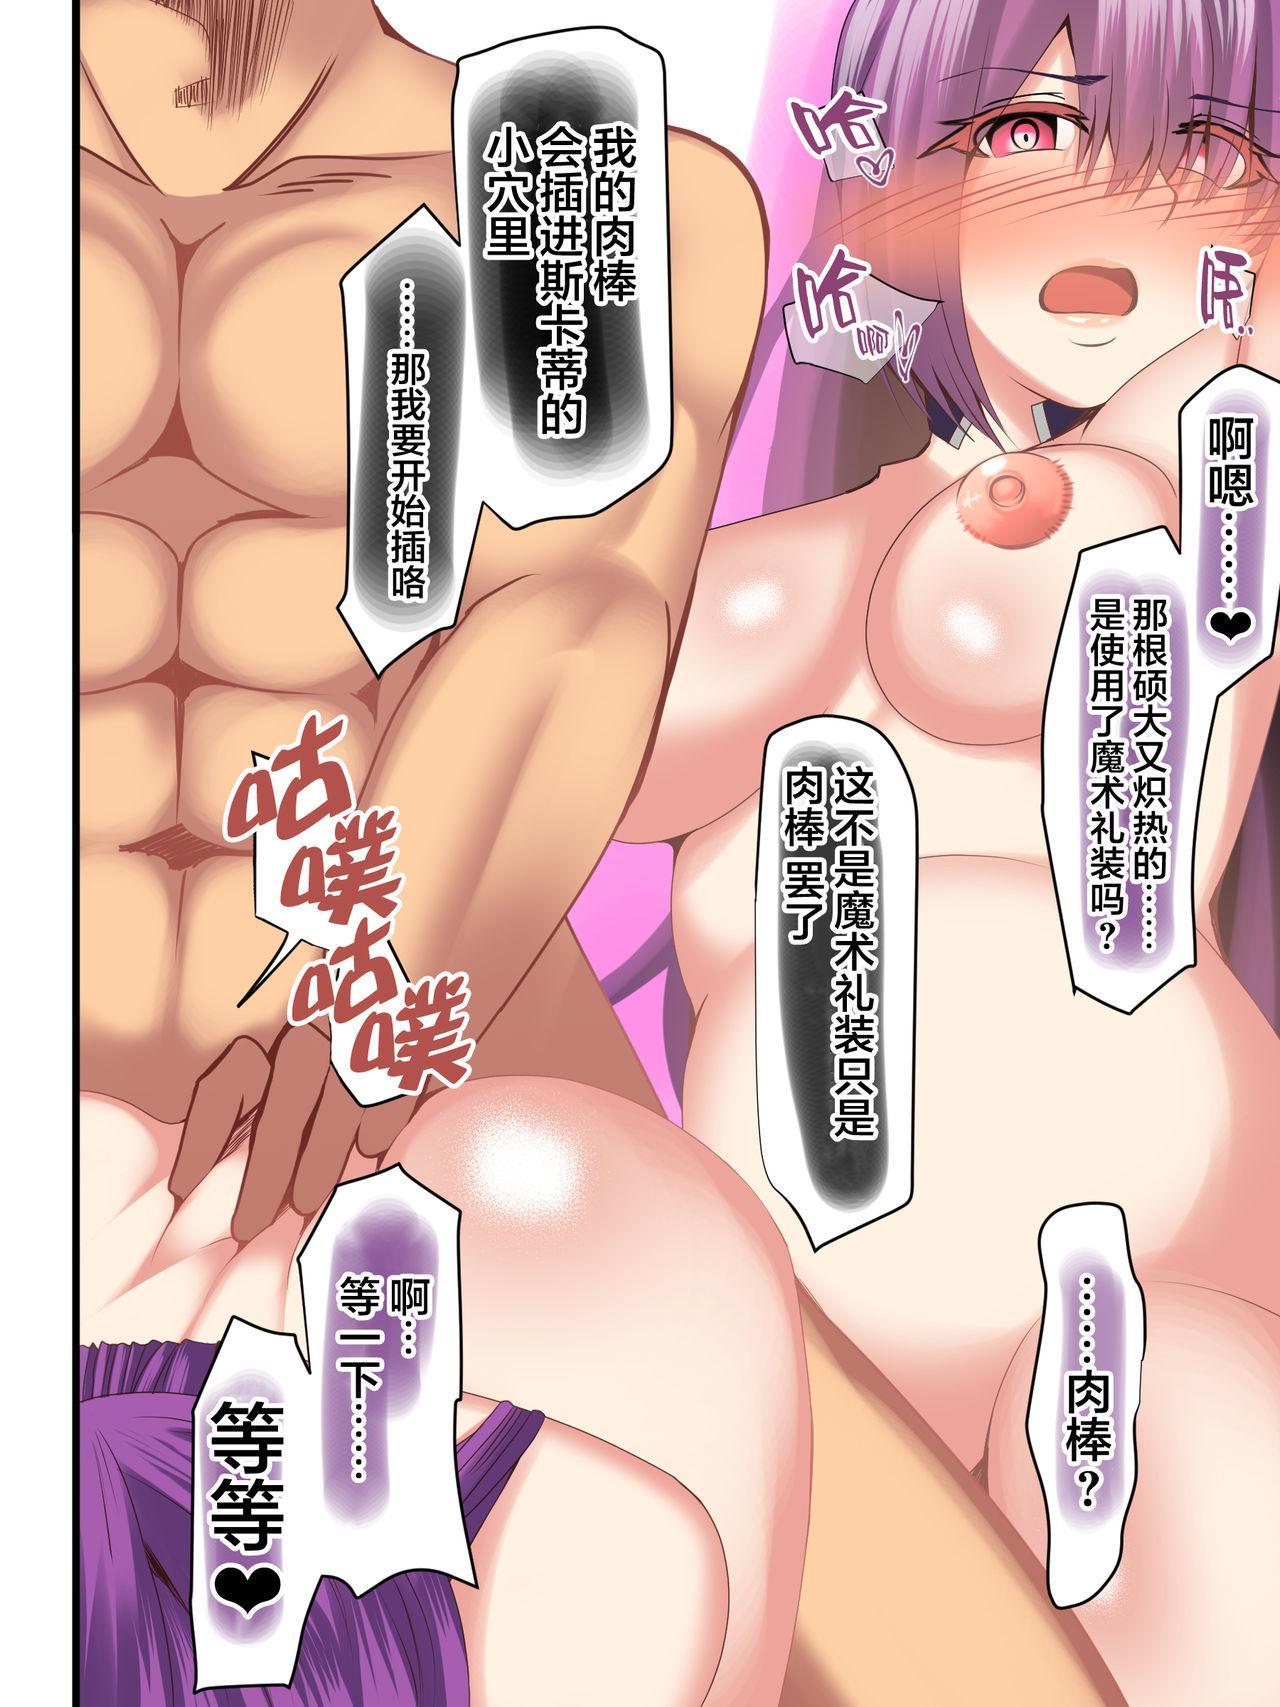 Iyashi no Fukubukuro Servant Gacha 10